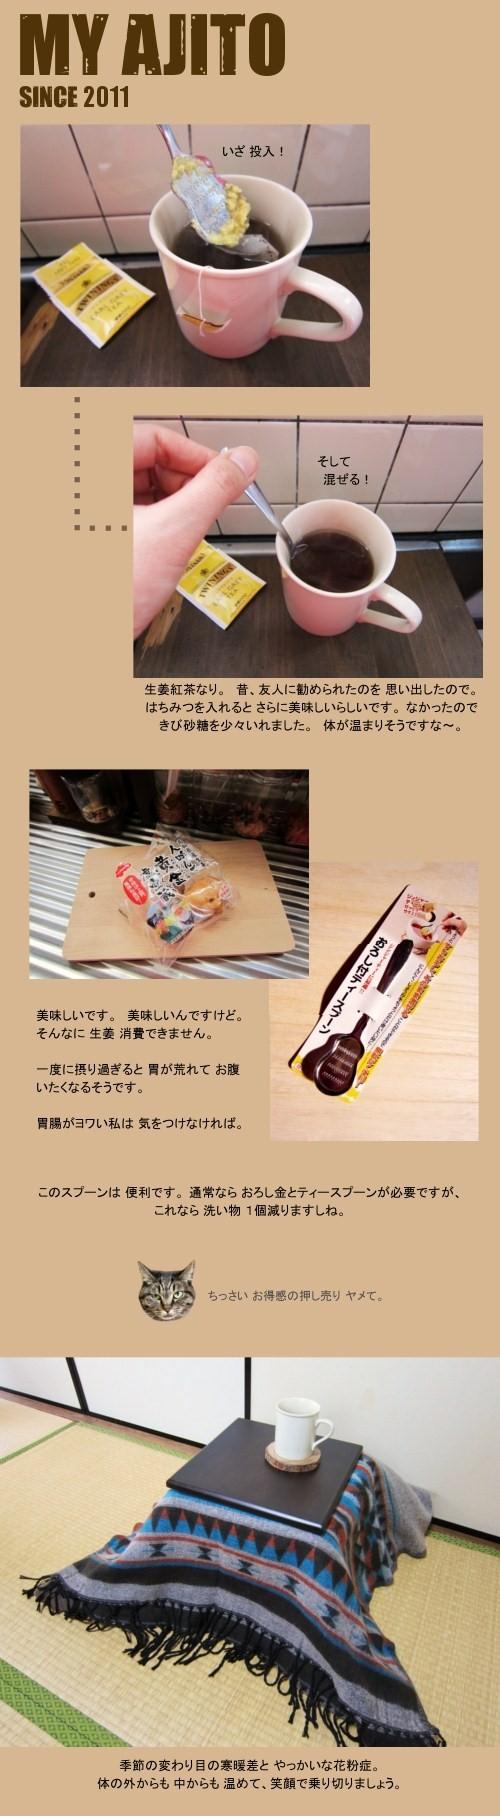 kota_sho_6.jpg